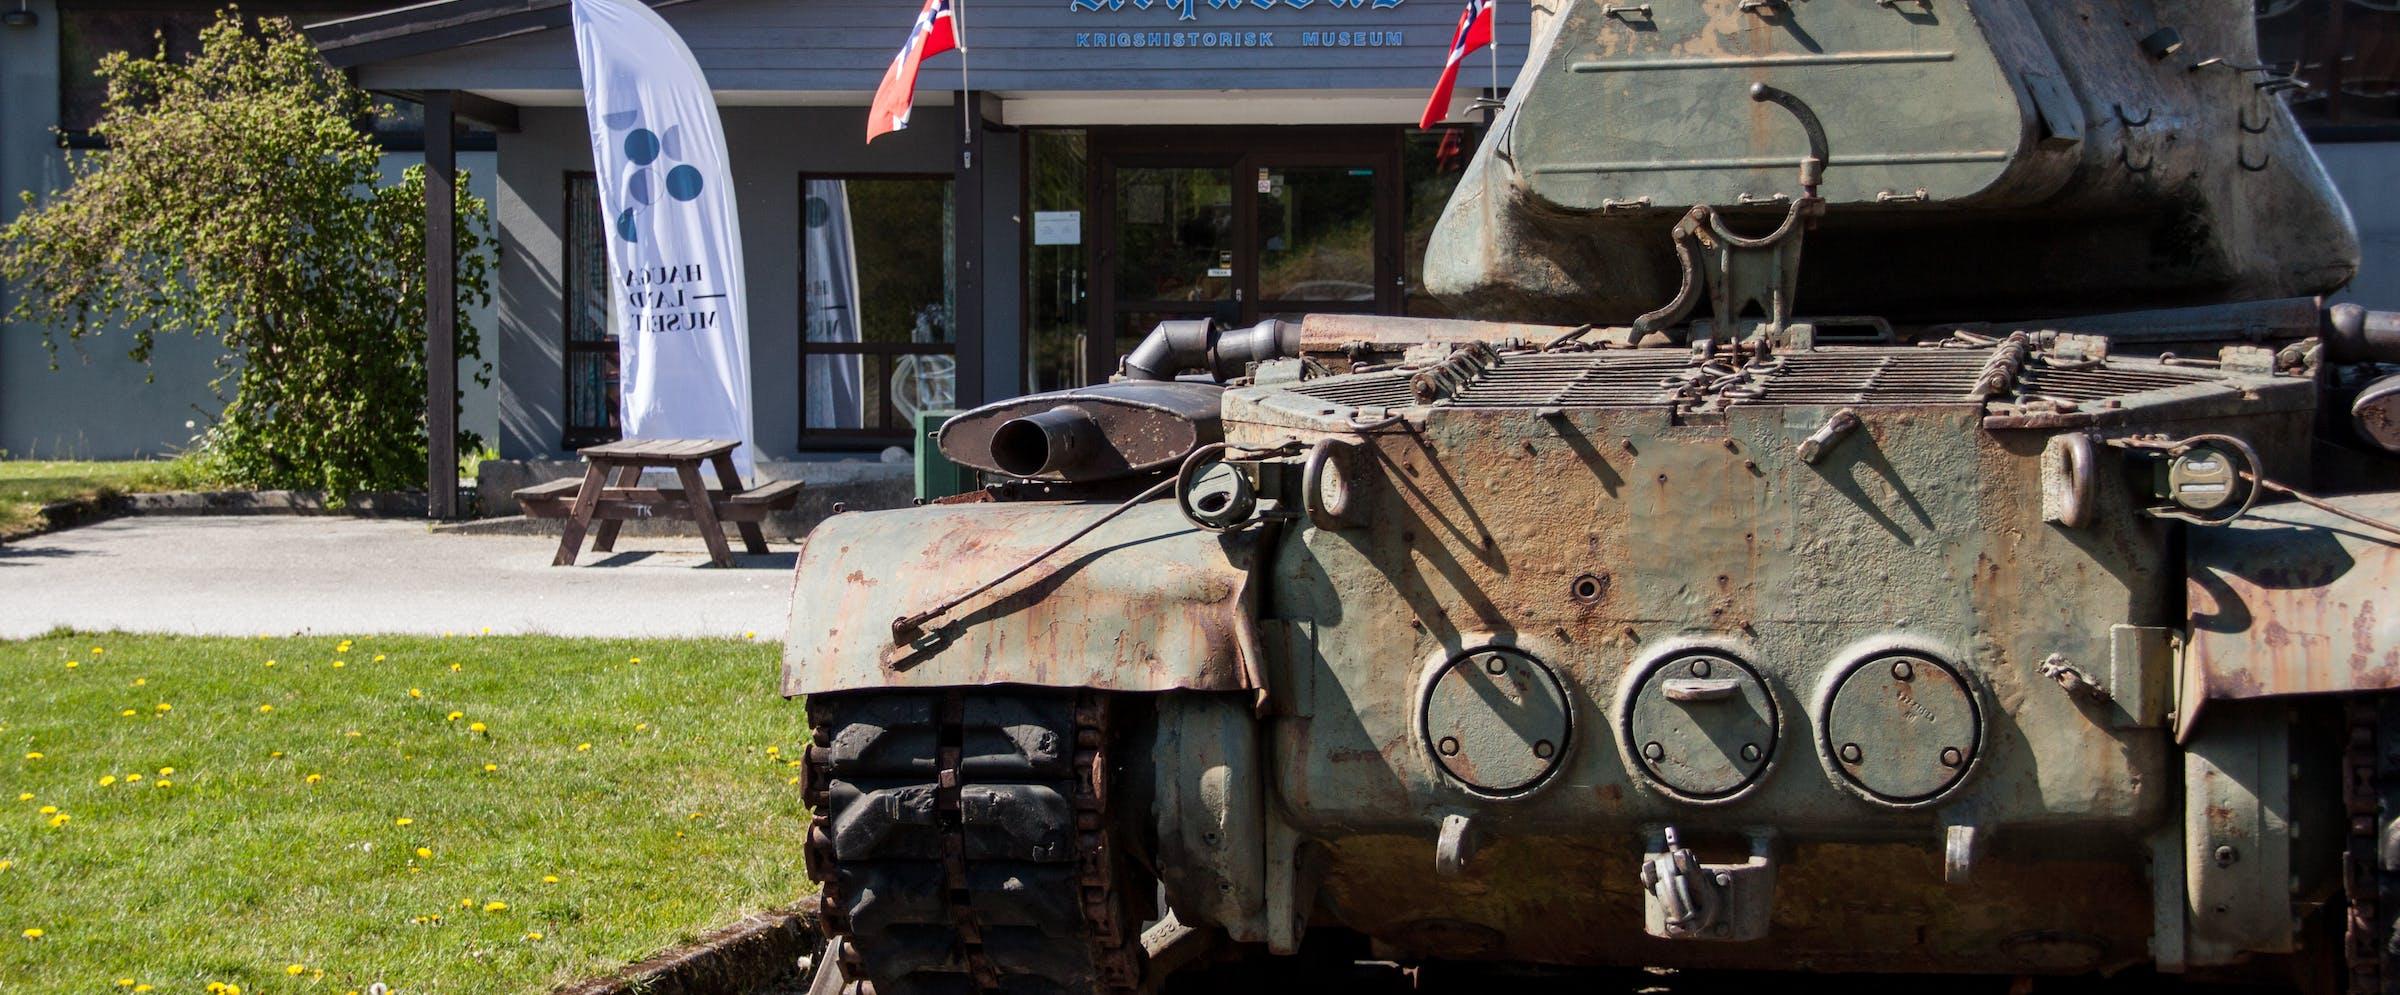 Stridsvogn utenfor museumsinngang